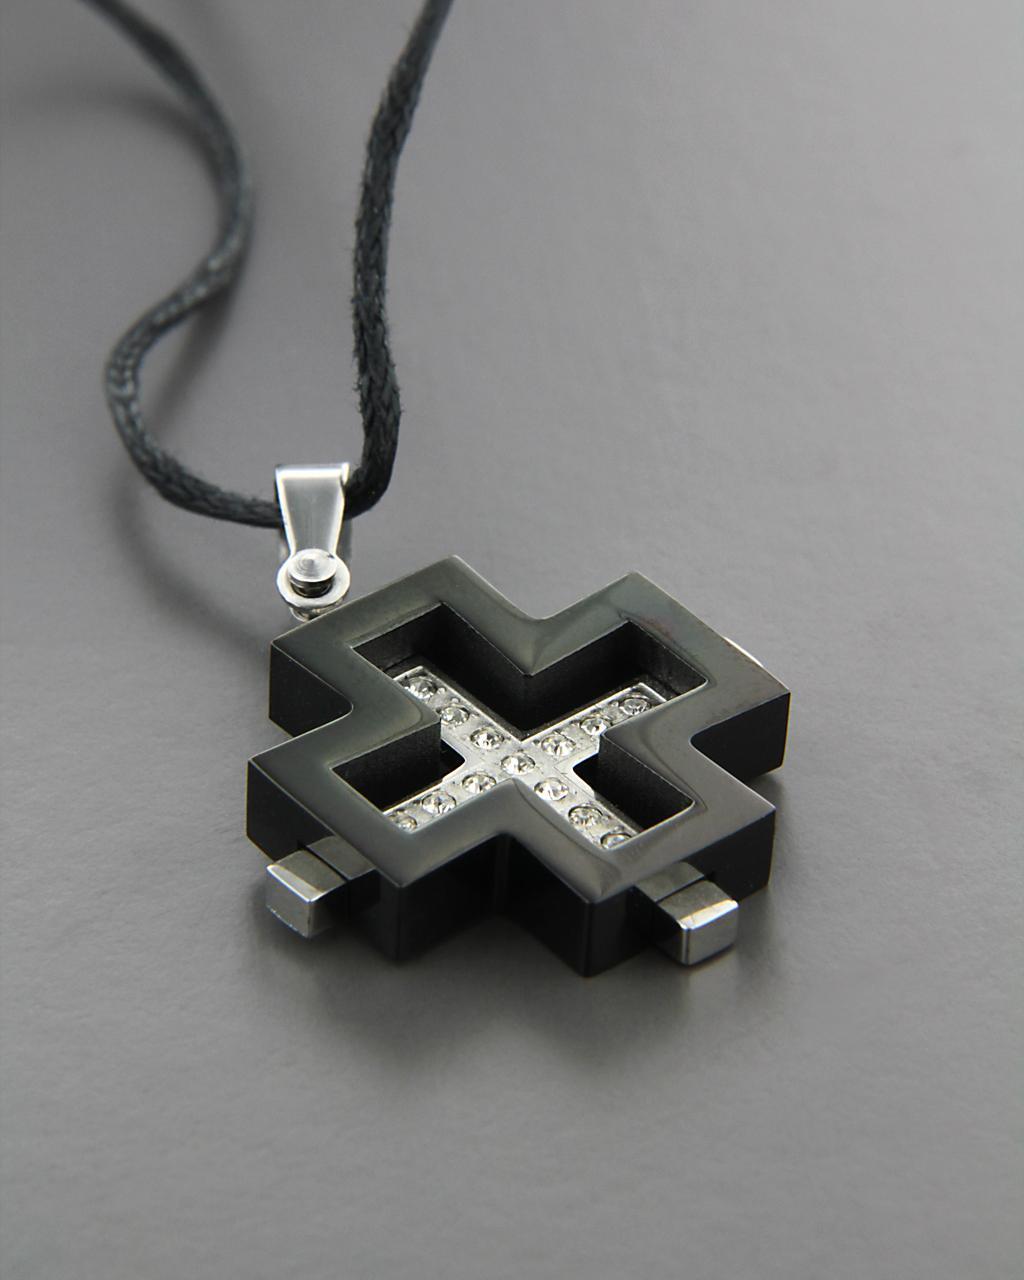 Ατσάλινος σταυρός με Ζιργκόν   ανδρασ σταυροί ανδρικοί